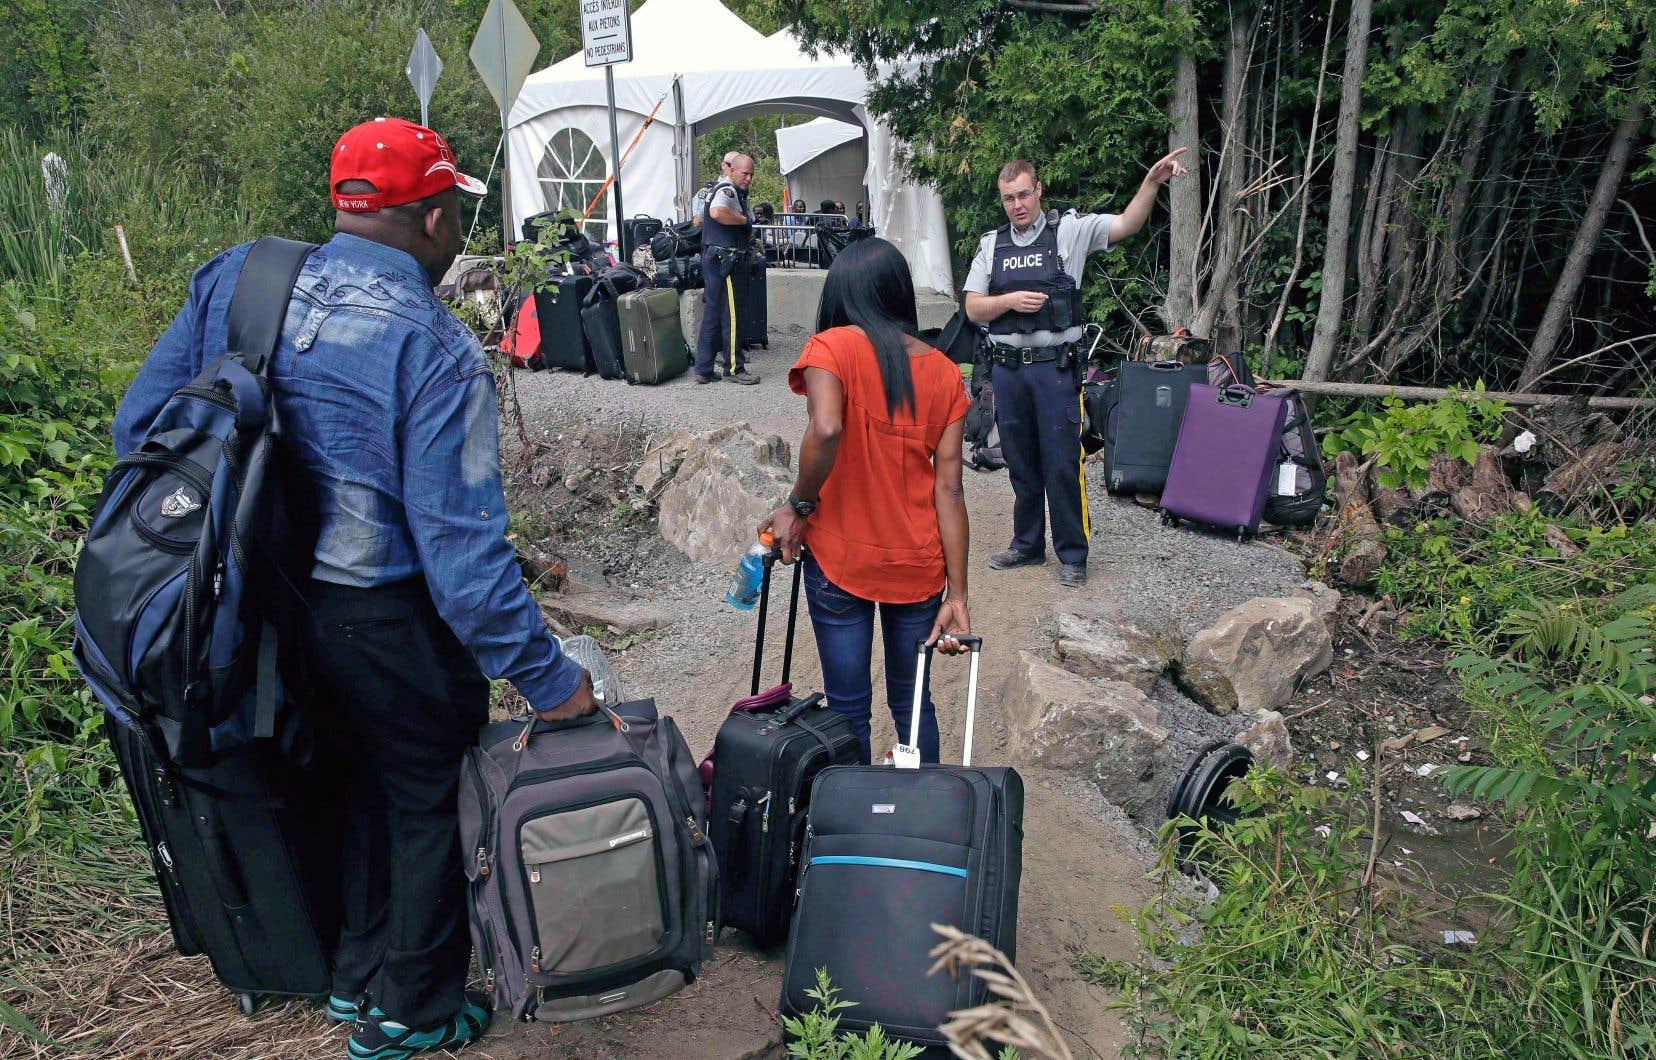 Un policier accueille des demandeurs d'asile qui ont franchi la frontière de manière irrégulière en empruntant le chemin Roxham.